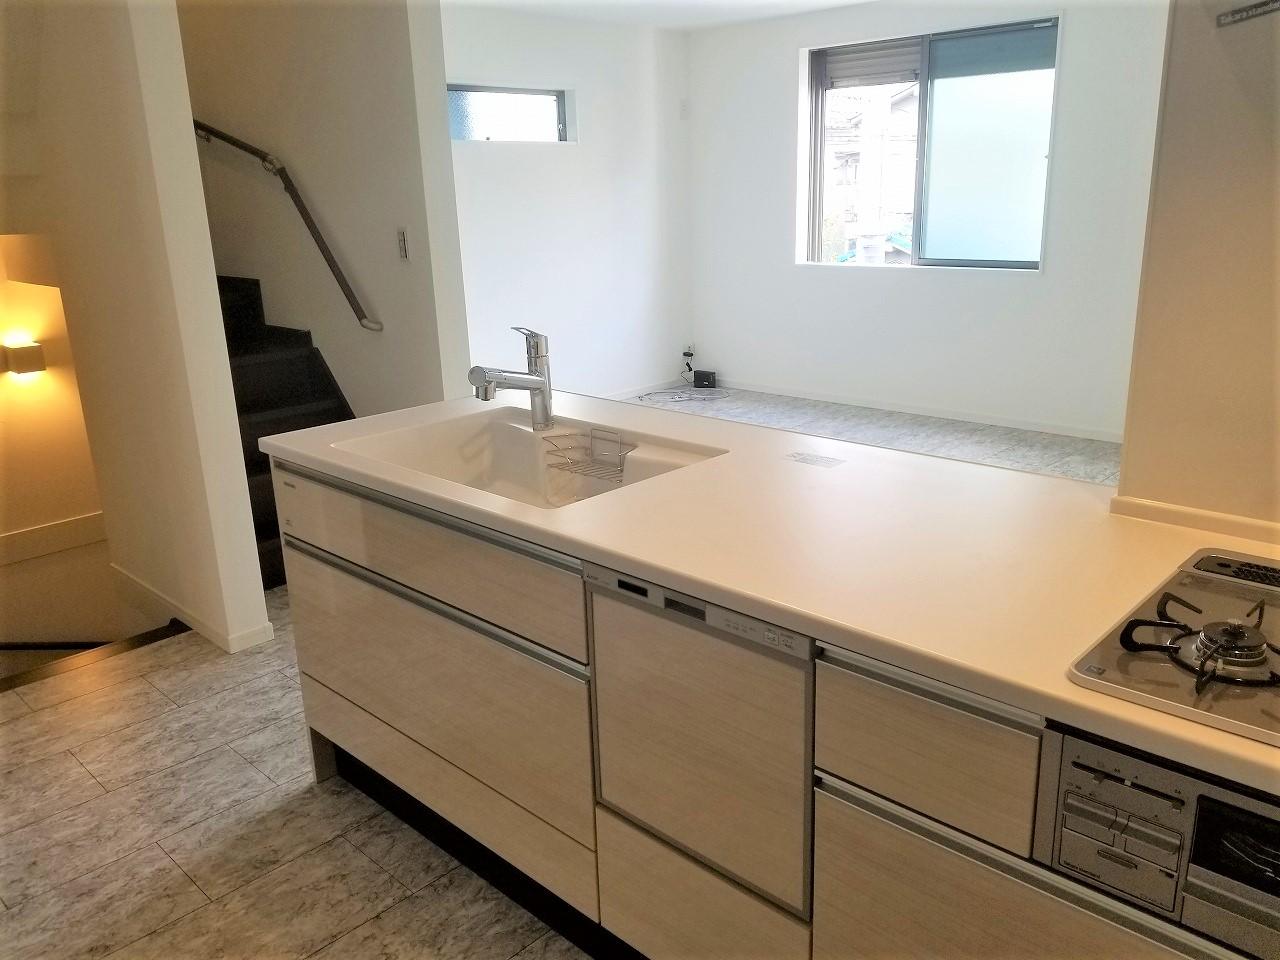 家族の様子が見渡せる対面式システムキッチン。食器洗浄機付きで家事が捗りますね(ル・メイユール他物件施工例)